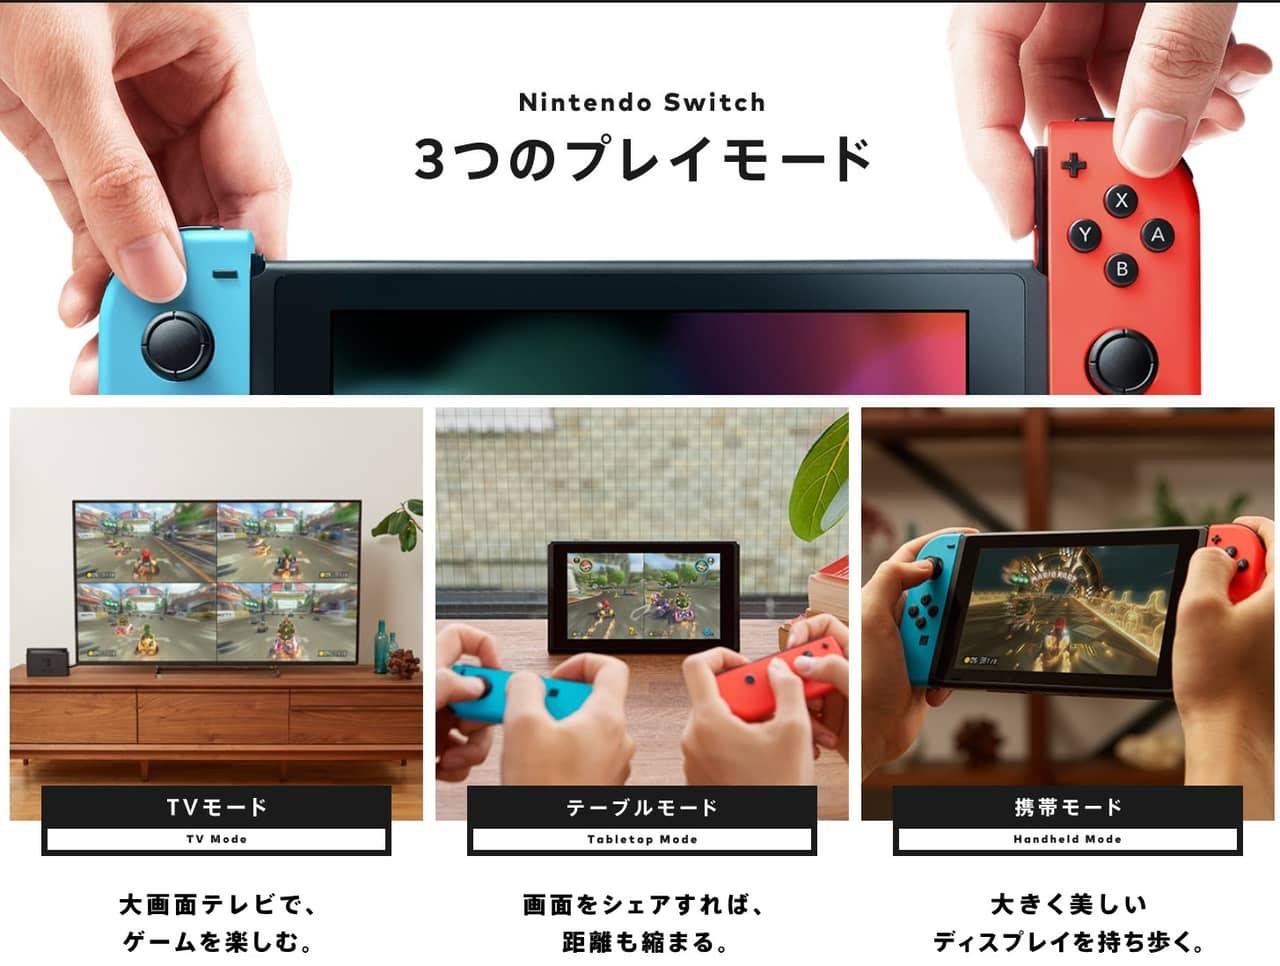 ポケモン新作に向けてNintendo Switchを今のうちにお得に買ってしまおう!